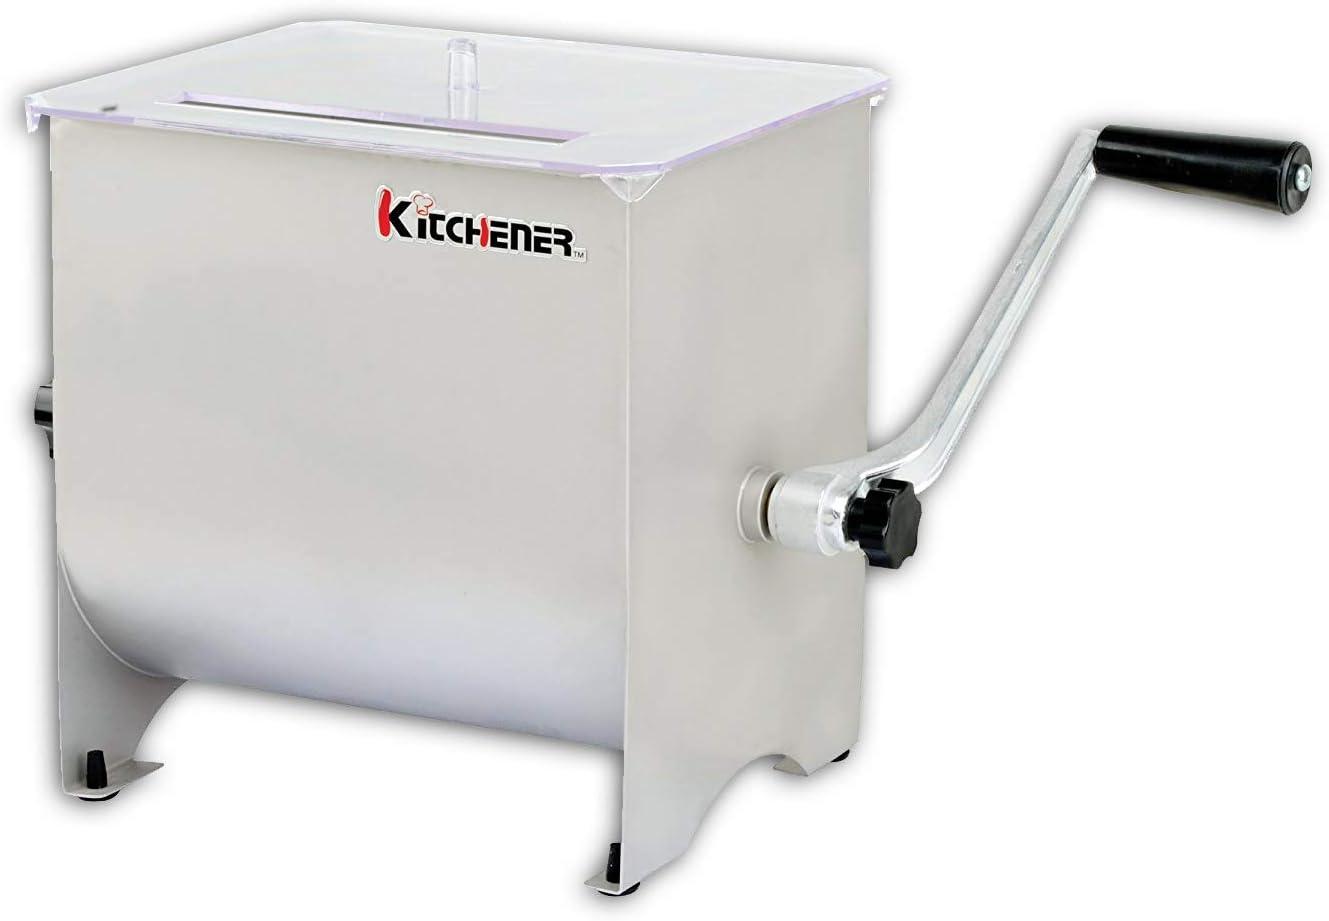 Kitchener Mano Grado Heavy Duty Comercial manivela de Acero Inoxidable Mezclador Manual de la Carne